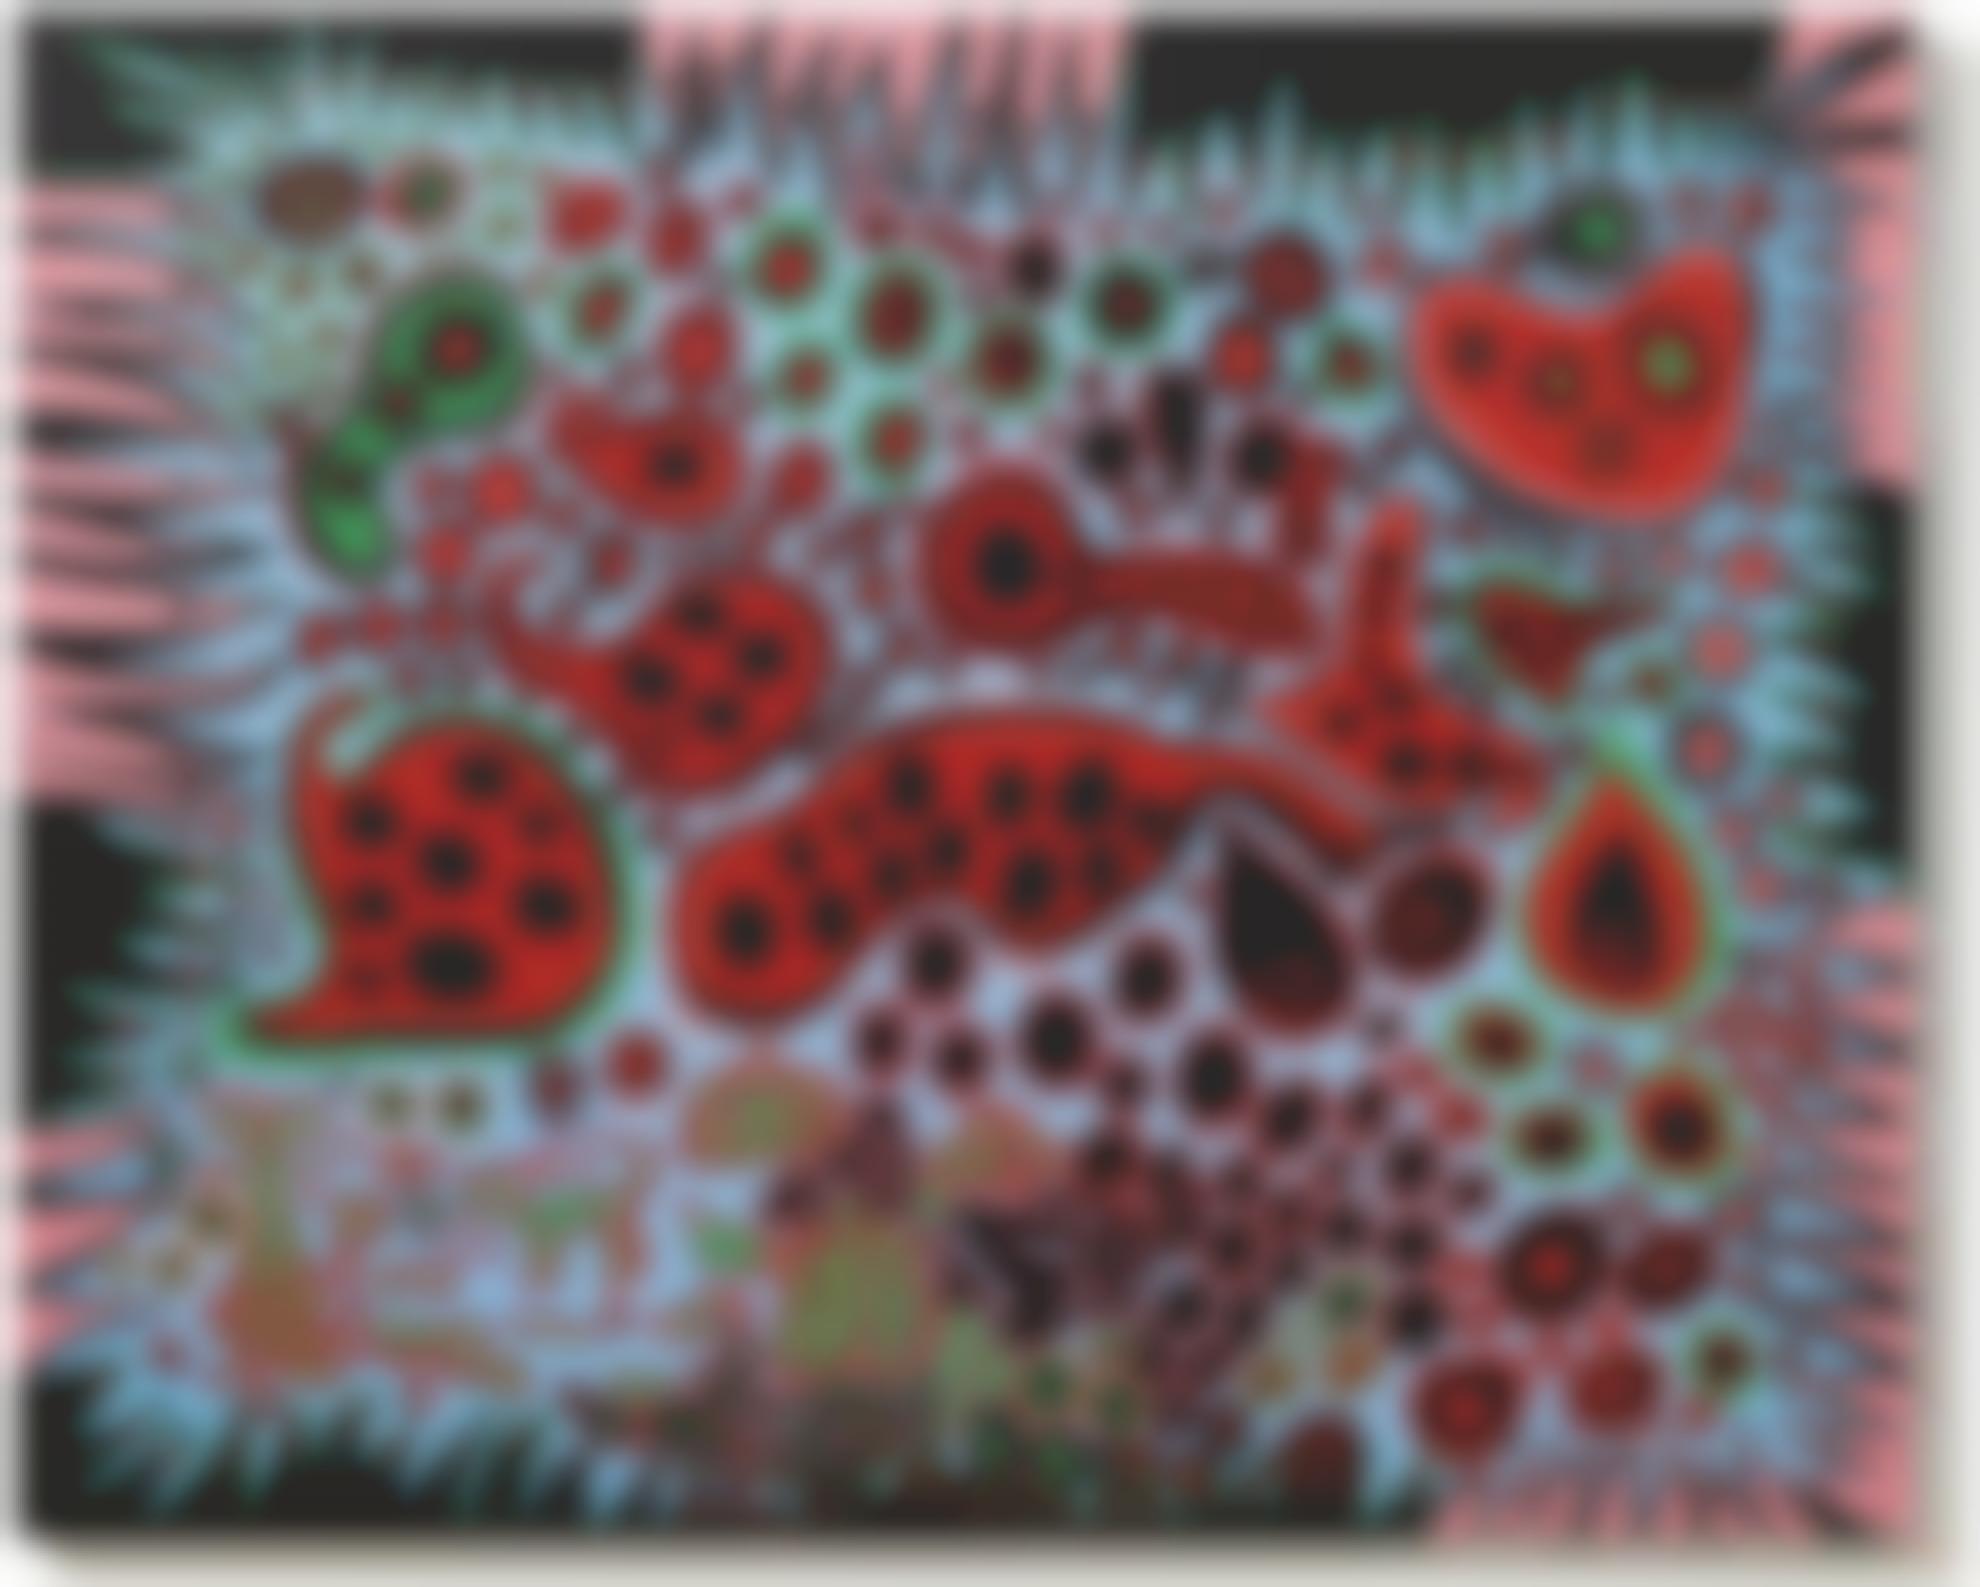 Yayoi Kusama-Imagined Scenery Dotted With Pumpkins-2009